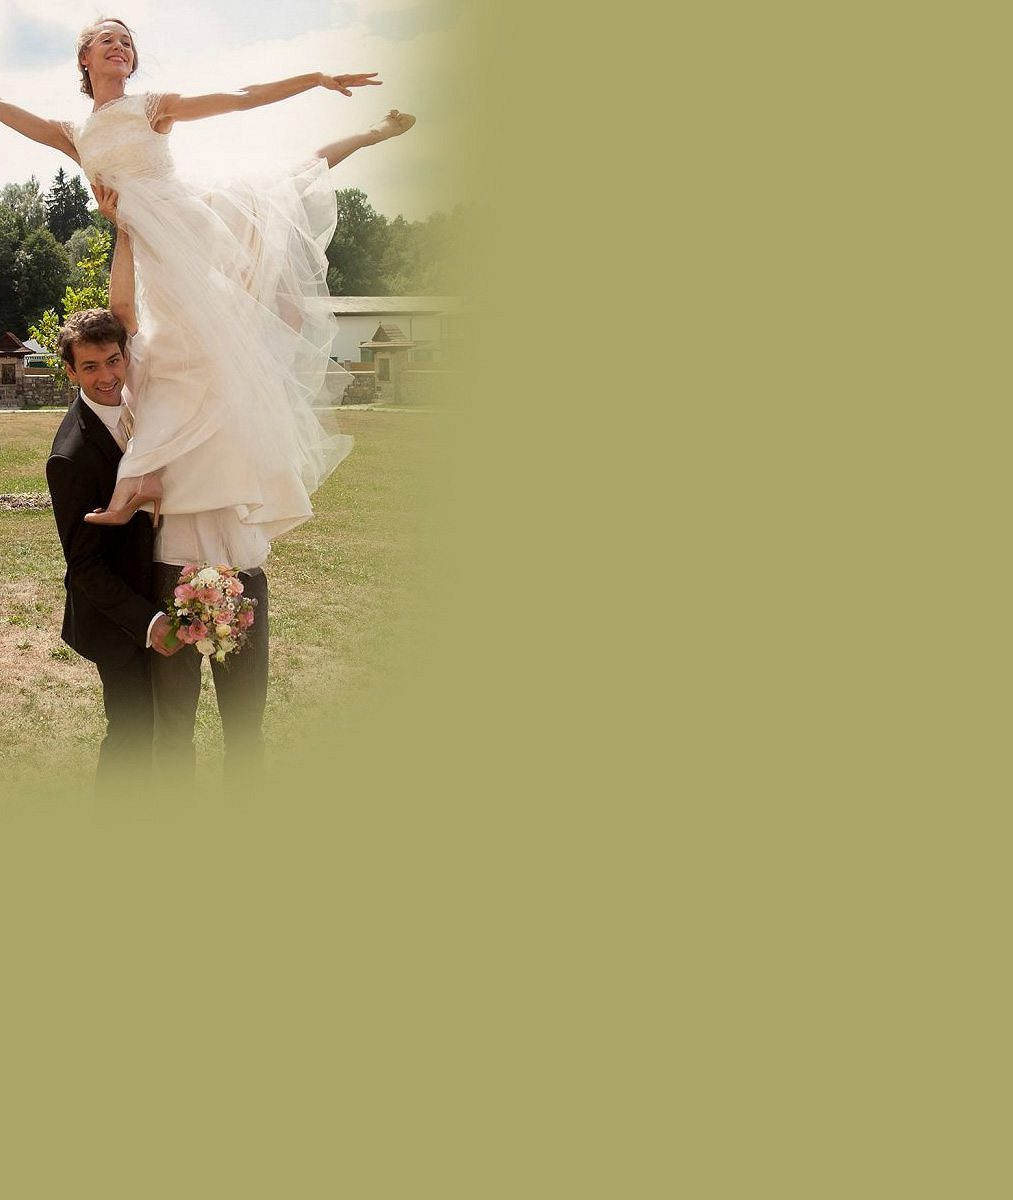 Krasavec z Cest domů se pochlubil půvabnou novomanželkou baletkou. Ukázala prsten se spoustou briliantů